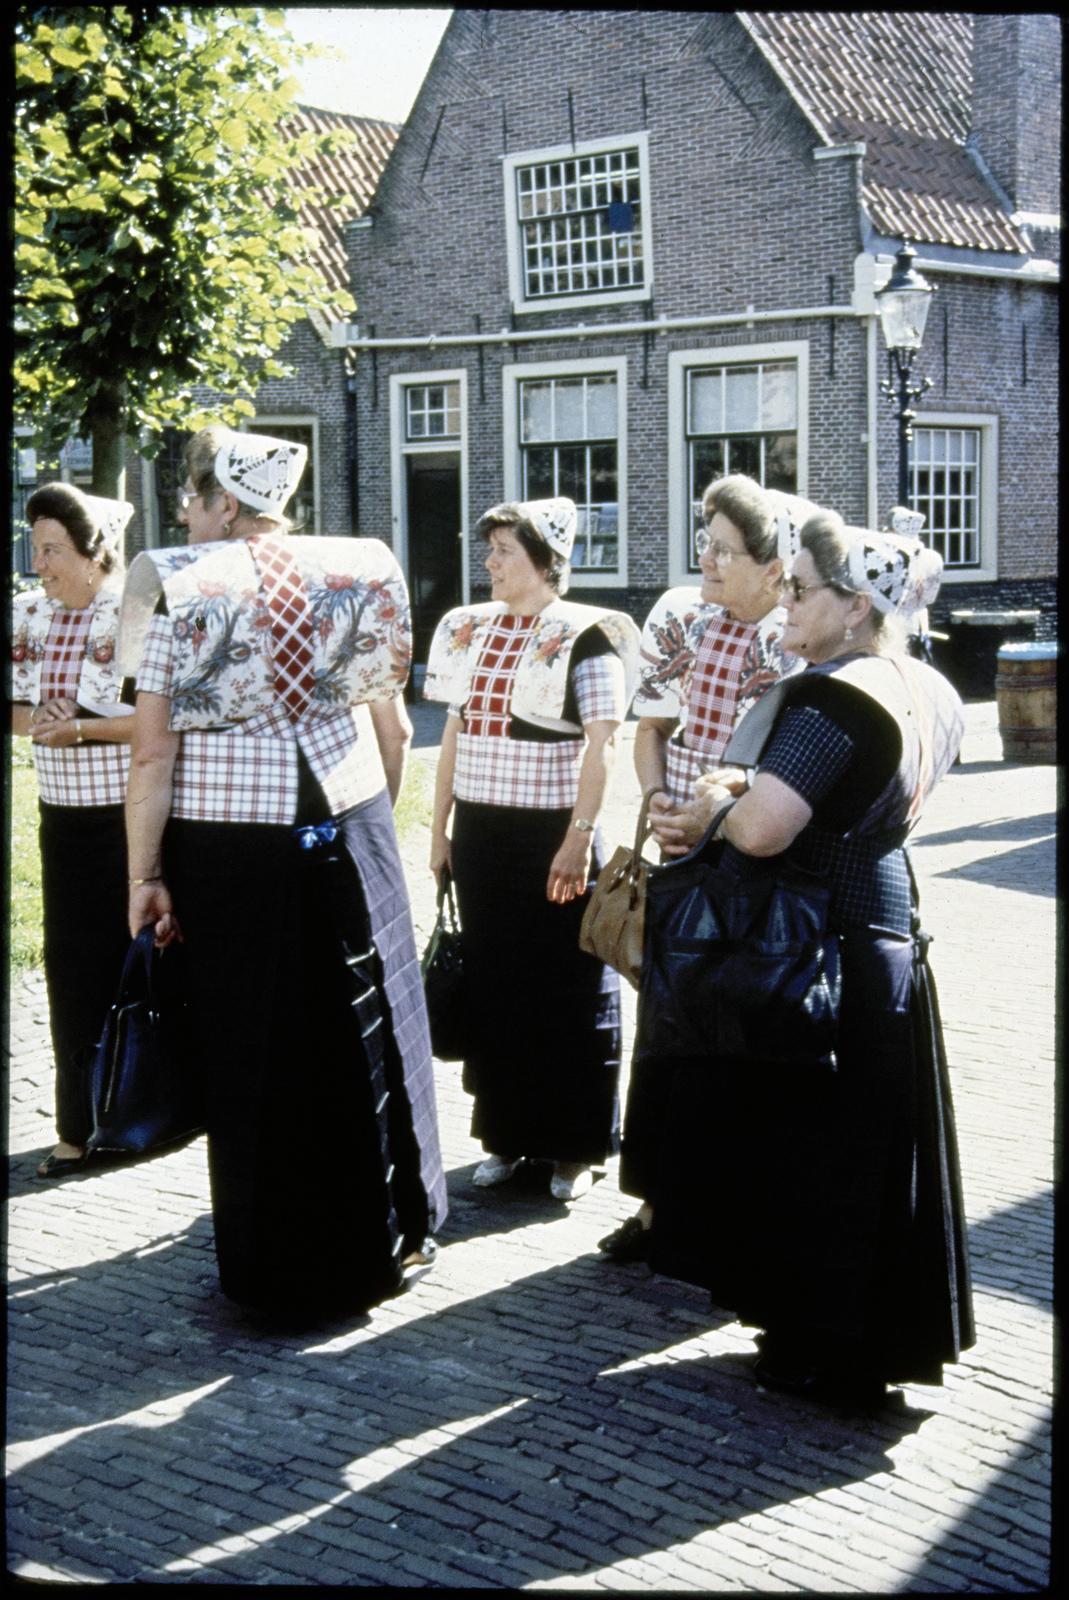 Straatbeeld met vrouwen in klederdracht. Zuiderzeedagen, Spakenburg.